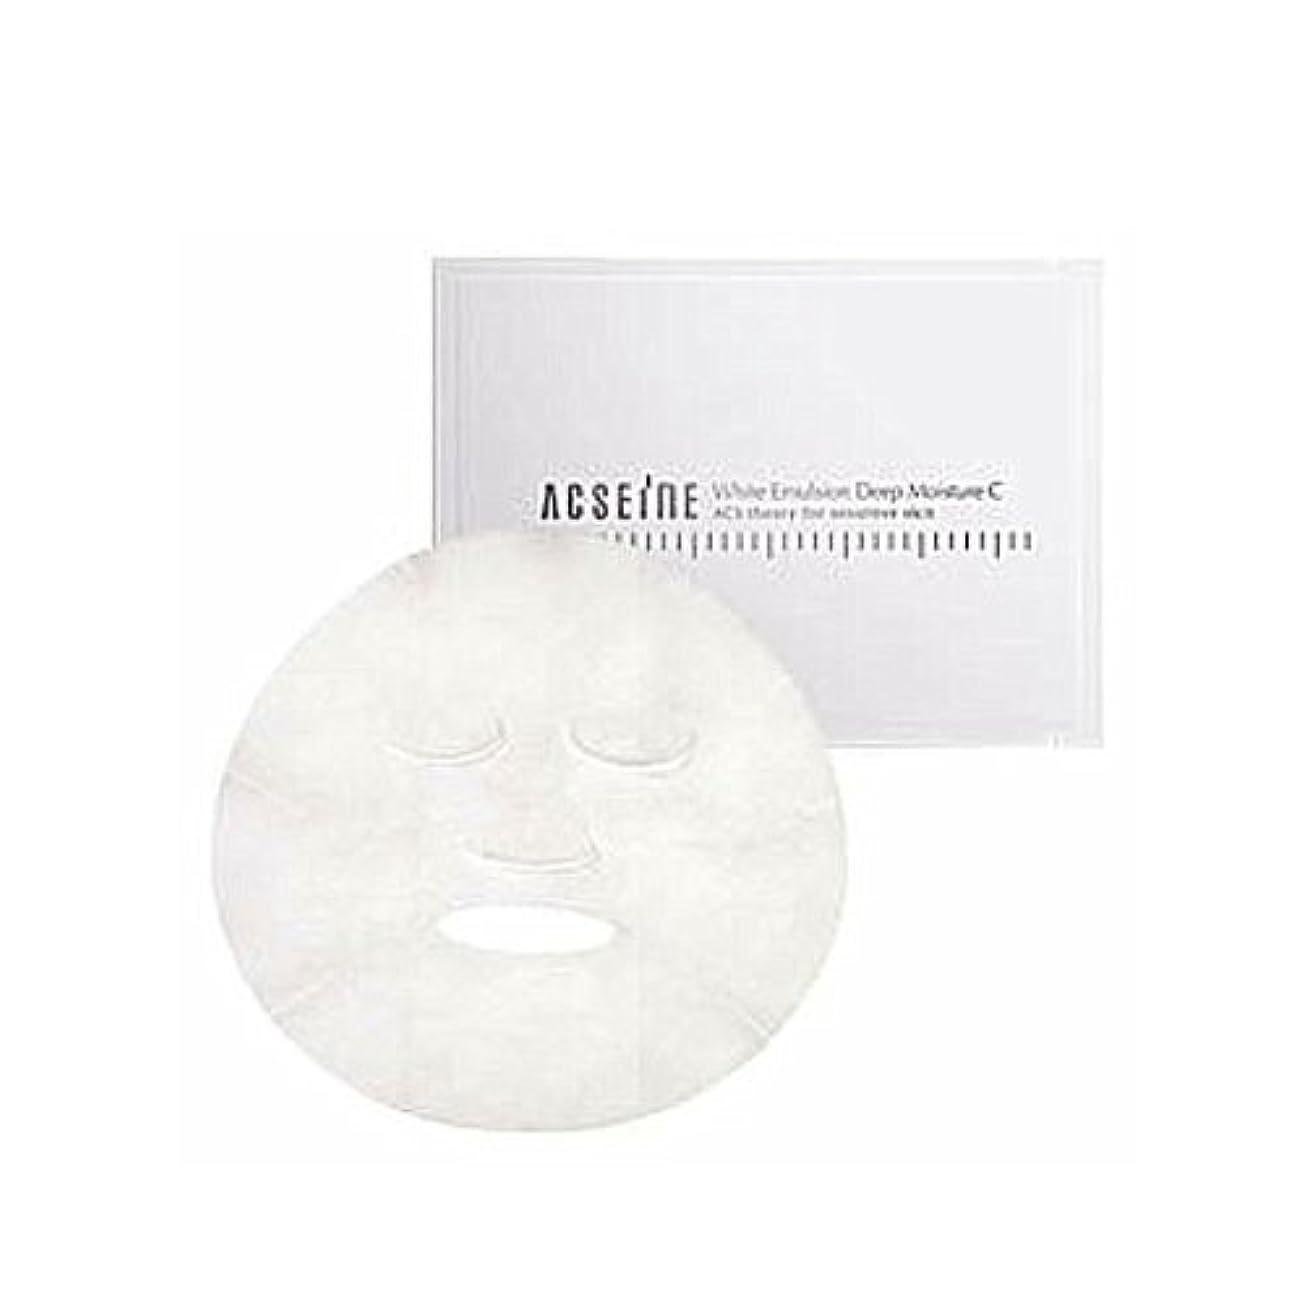 裁定優れた歌アクセーヌ ホワイト エマルジョン ディープモイスチュア Cマスク 22mL×8枚入 [並行輸入品]